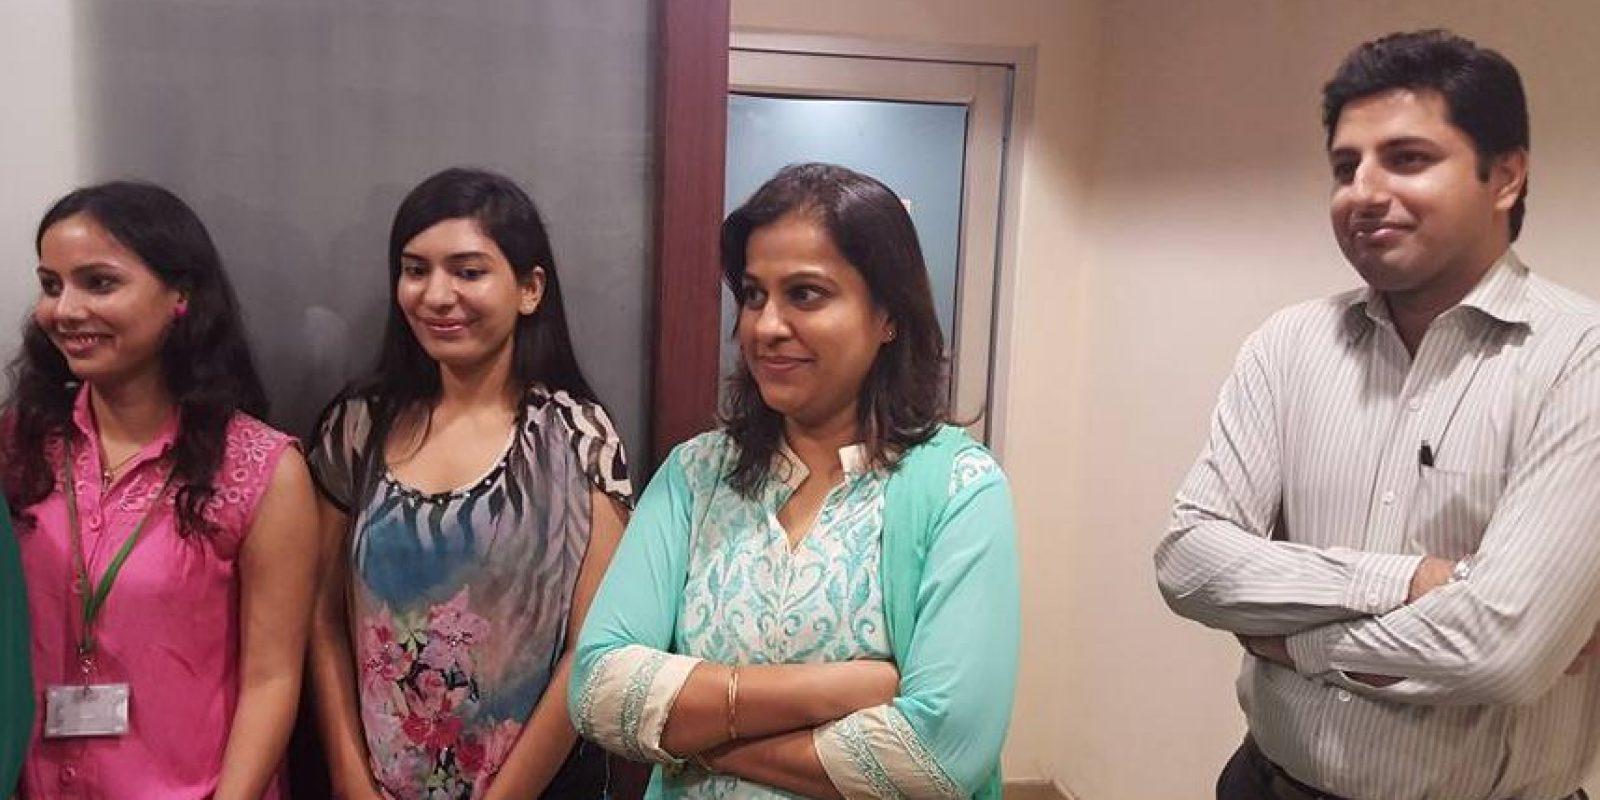 7. Fortis La Femme Hospital, en India Foto:Facebook.com/pages/Fortis-La-Femme